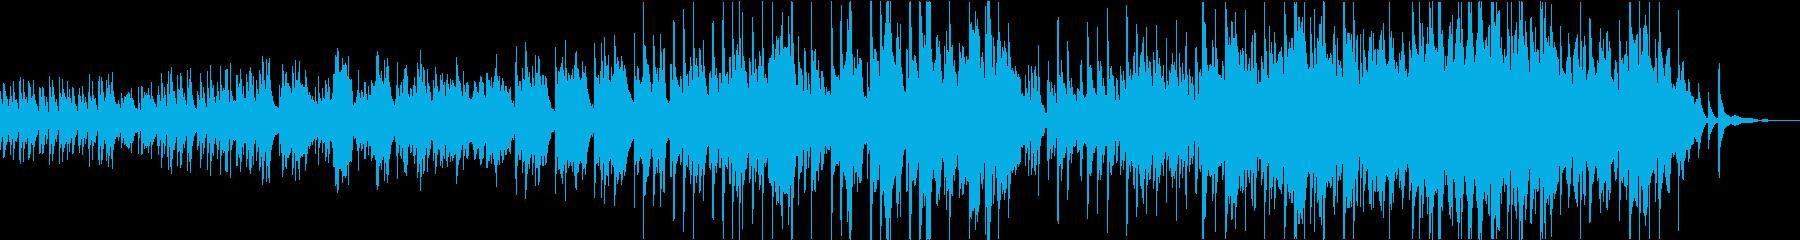 優しくほのぼのしたハープの子守唄の再生済みの波形